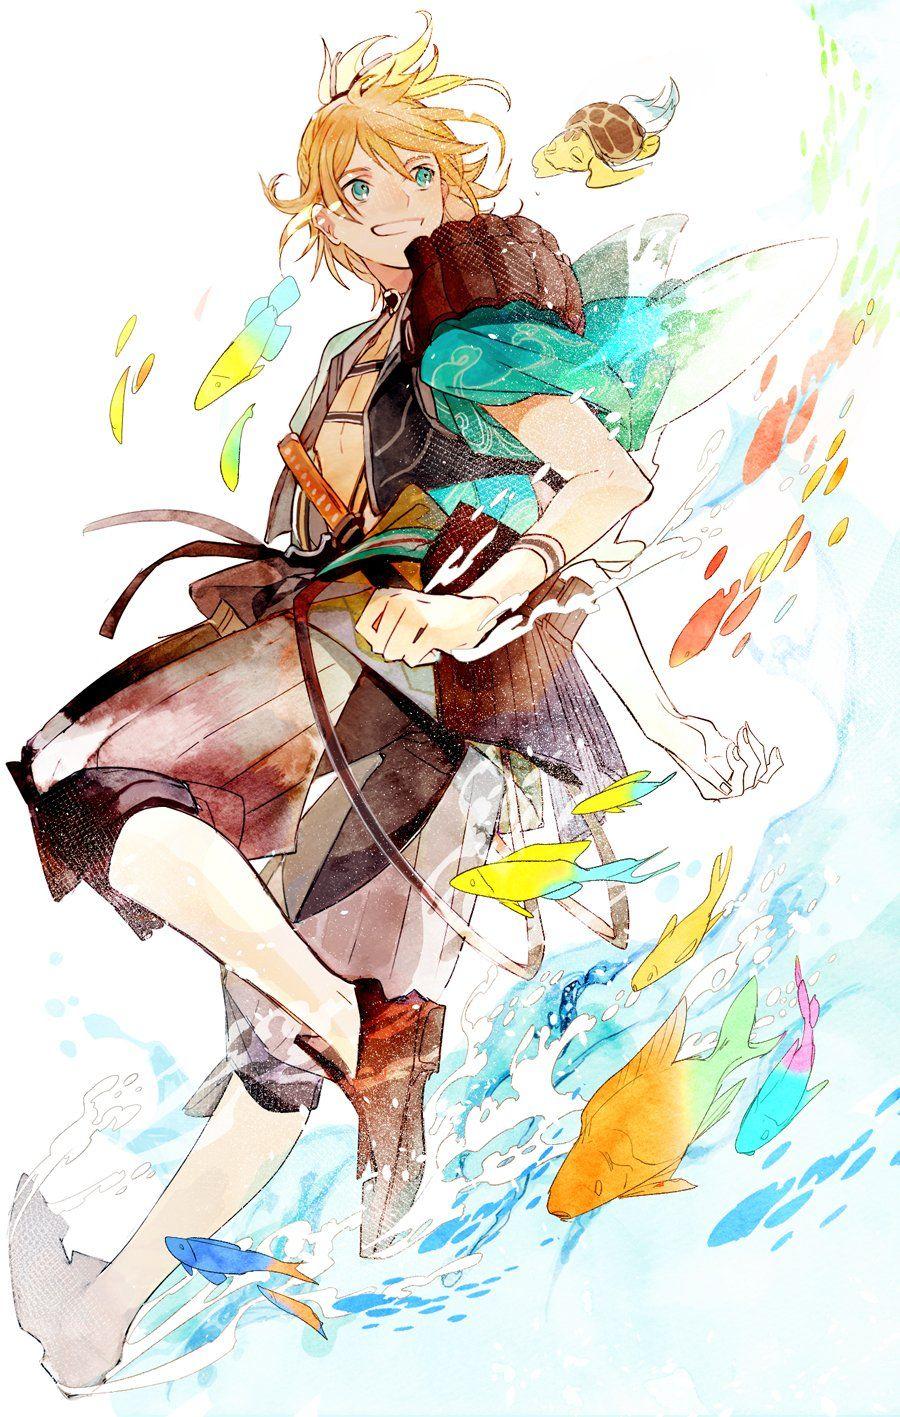 イラスト 男 | 刀剣乱舞 | pinterest | como desenhar mangá、anime